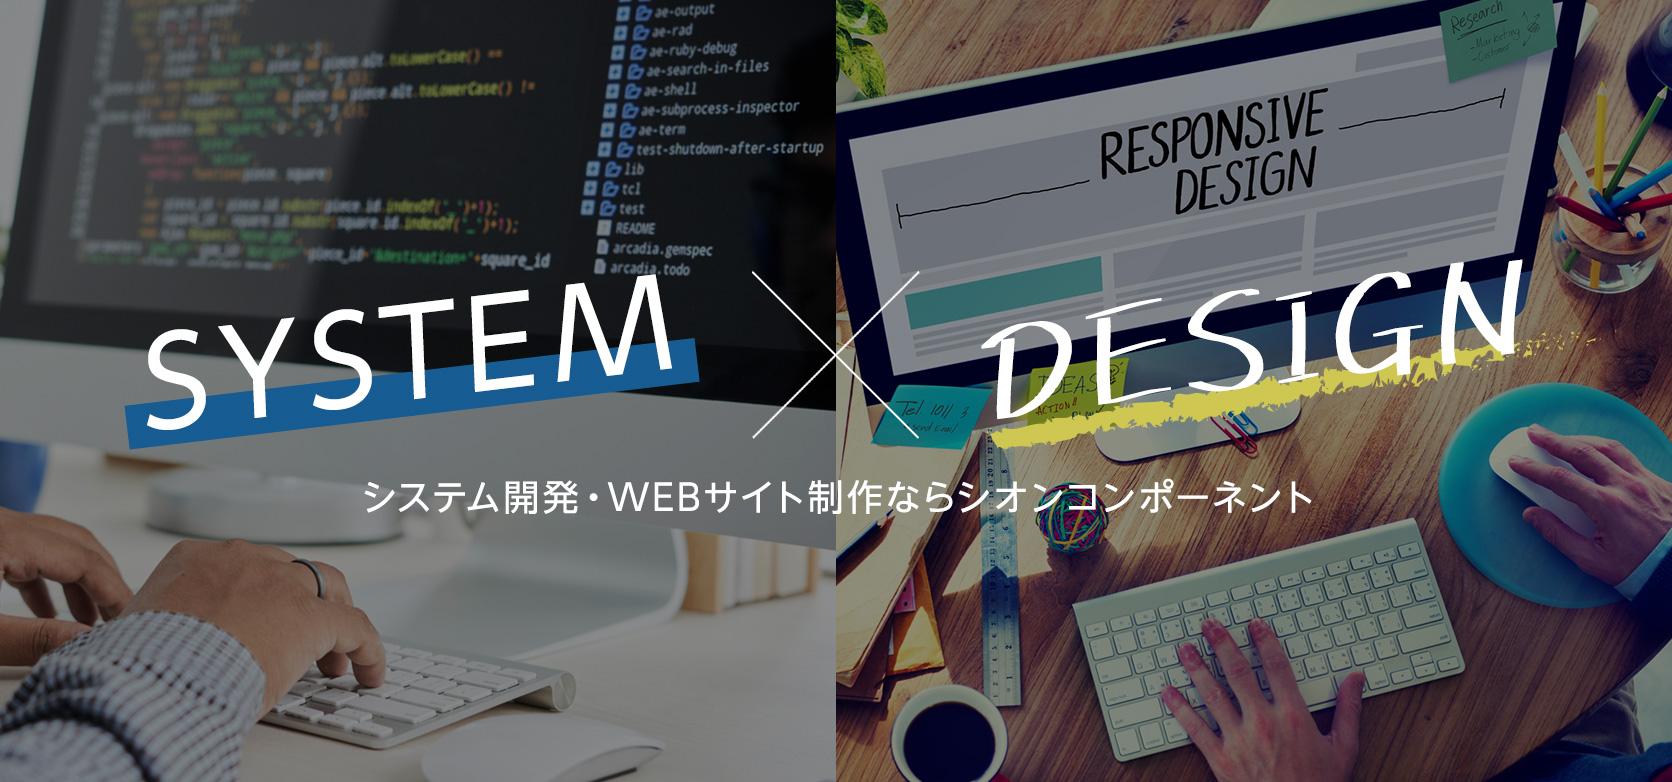 ただものではないWEB制作:効果のあるホームページを作るなら東京池袋の弊社にご相談ください。